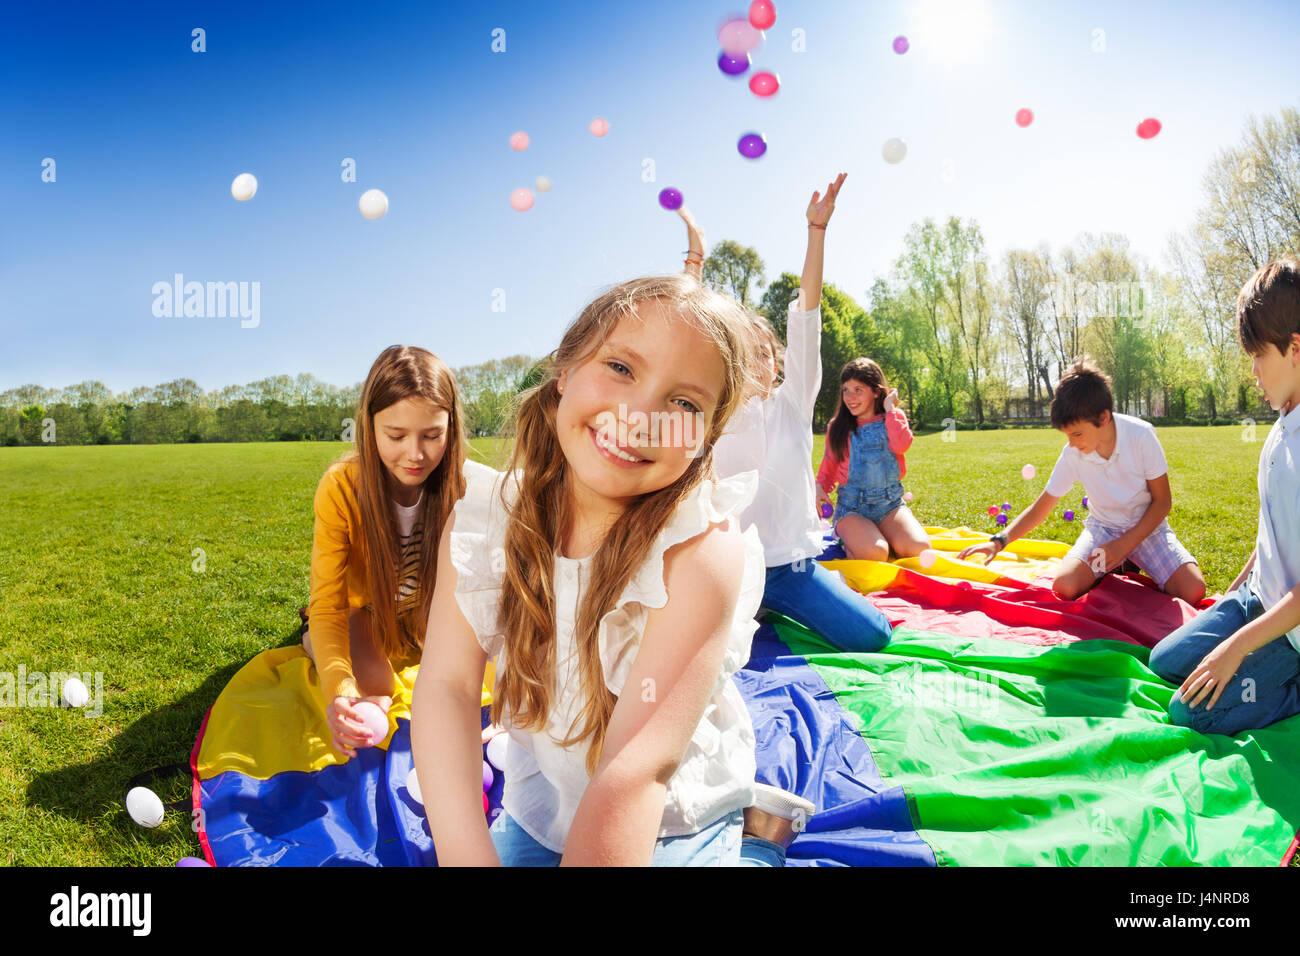 Close-up portrait of smiling blondinette, assis sur le parachute arc-en-ciel au cours du jeu avec des amis dans Banque D'Images